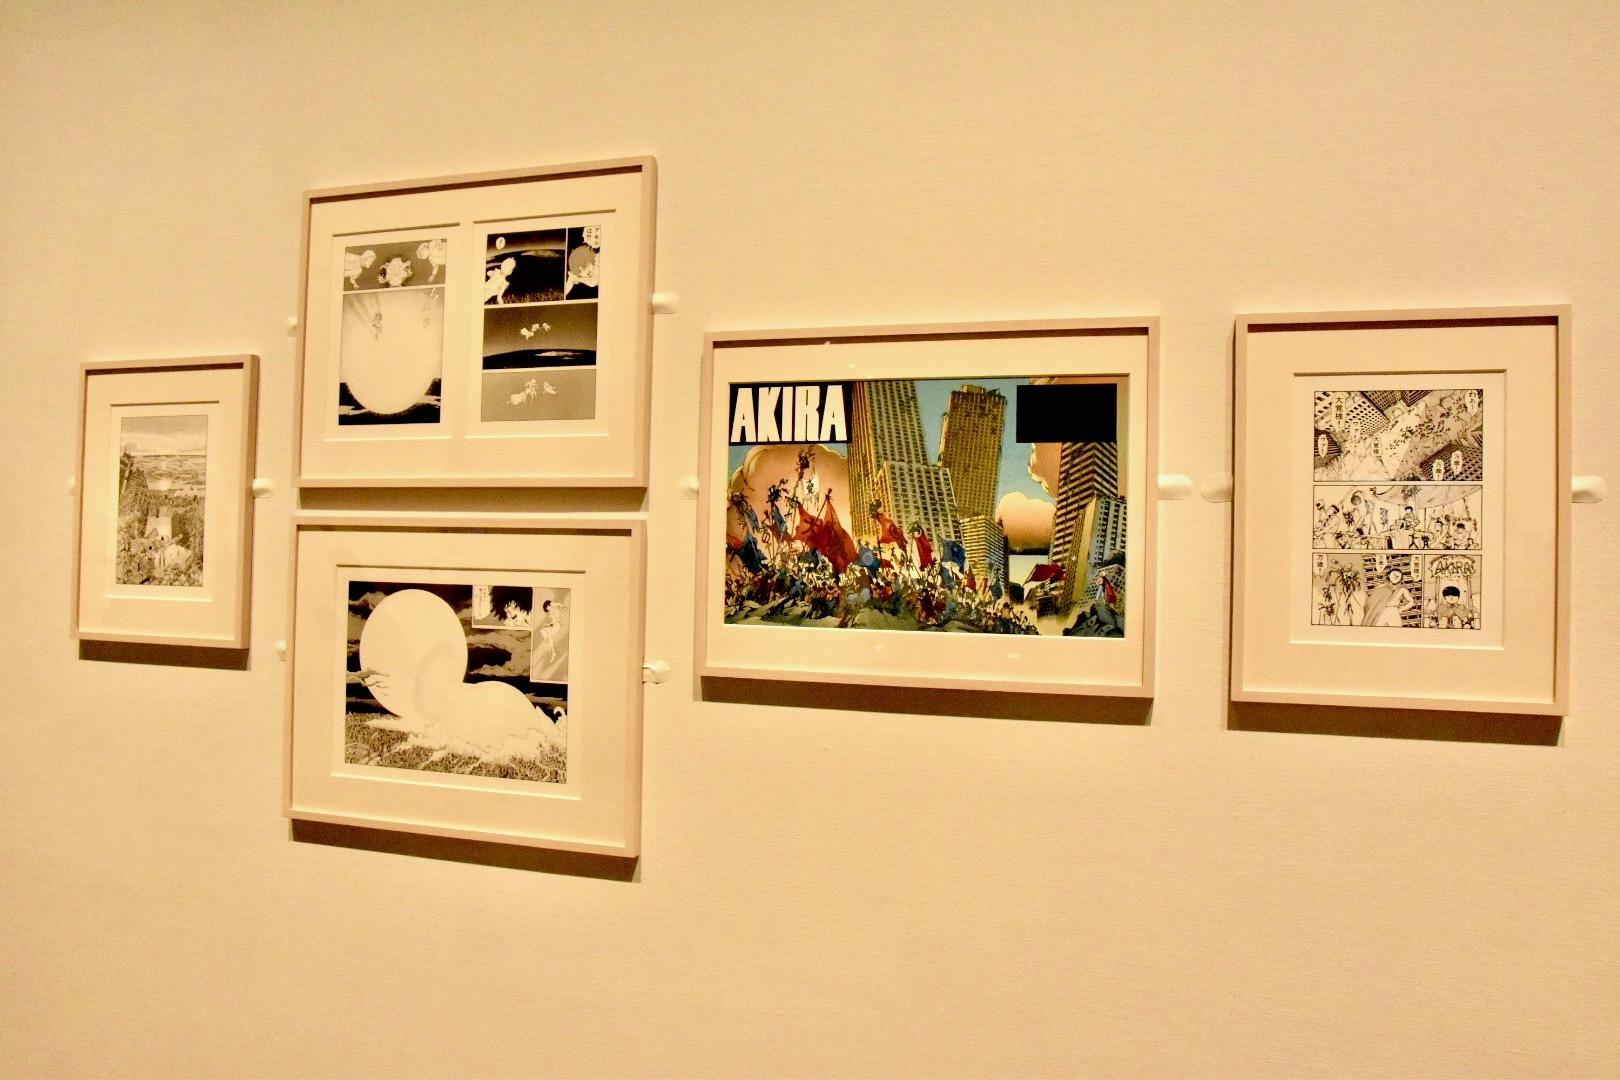 セクション1「破壊と復興の反復」より『AKIRA』(大友克洋)の展示風景